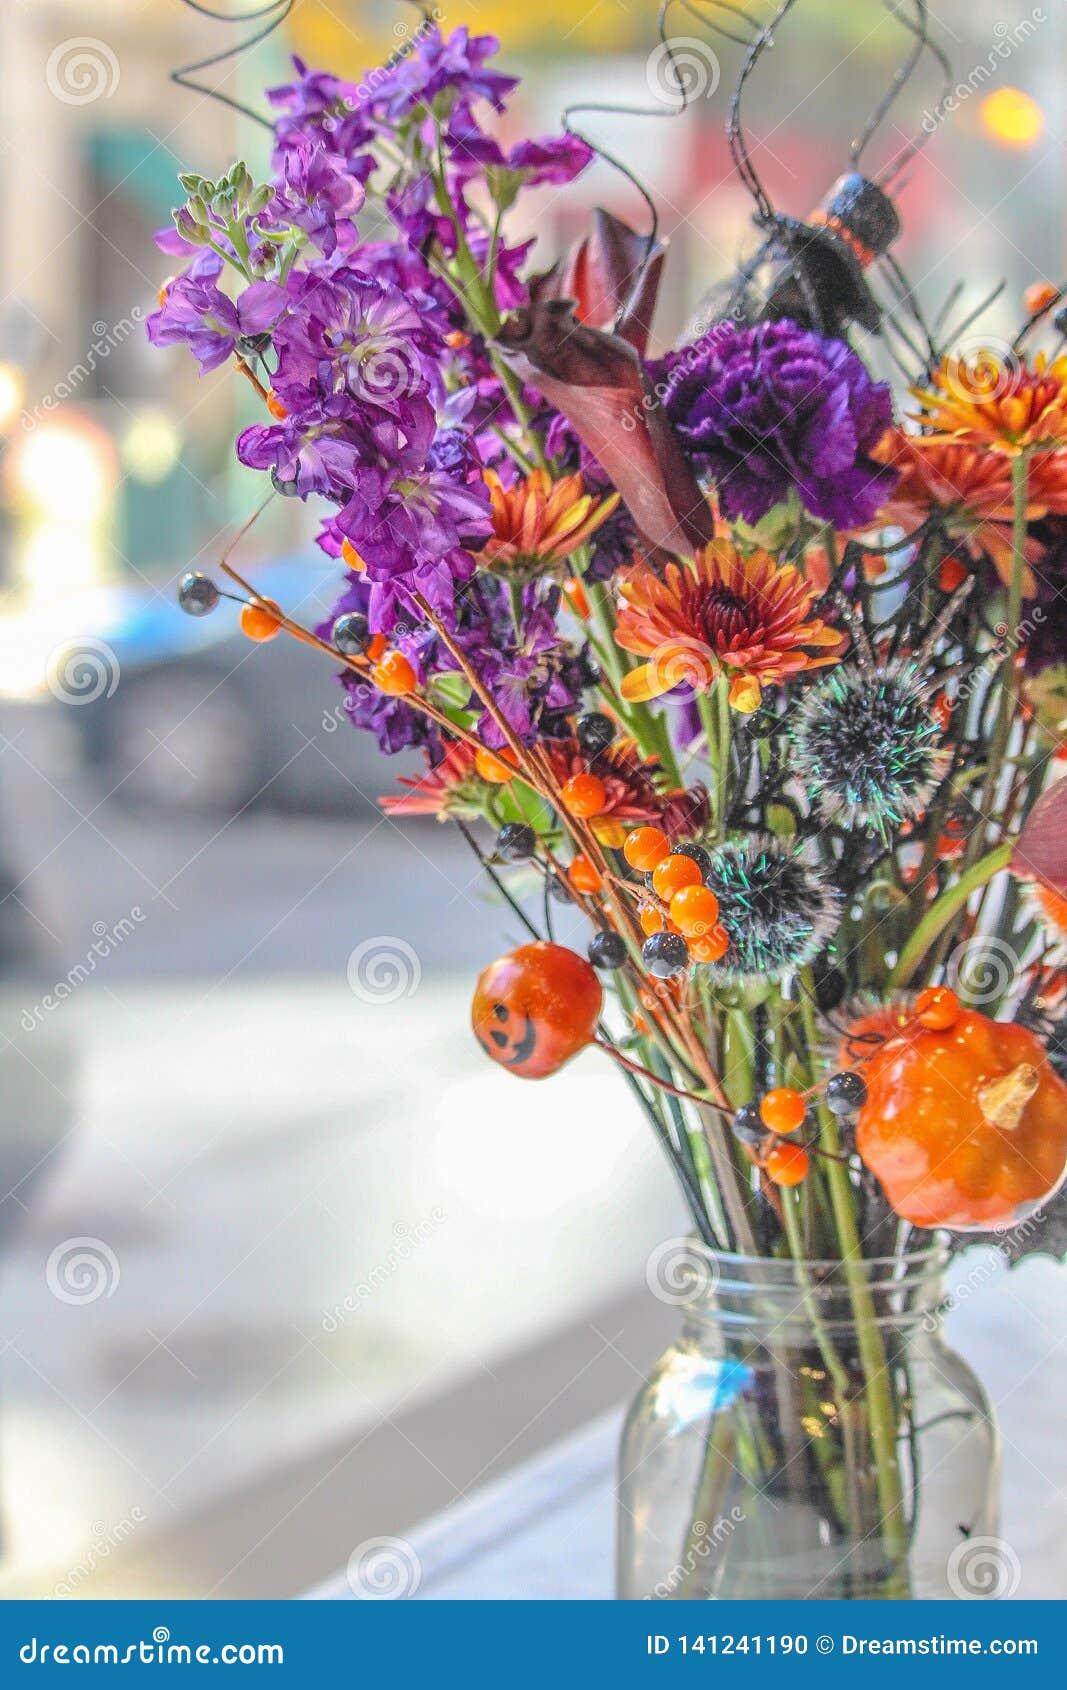 Halloween Bouquet Flowers Festival Pumpkin